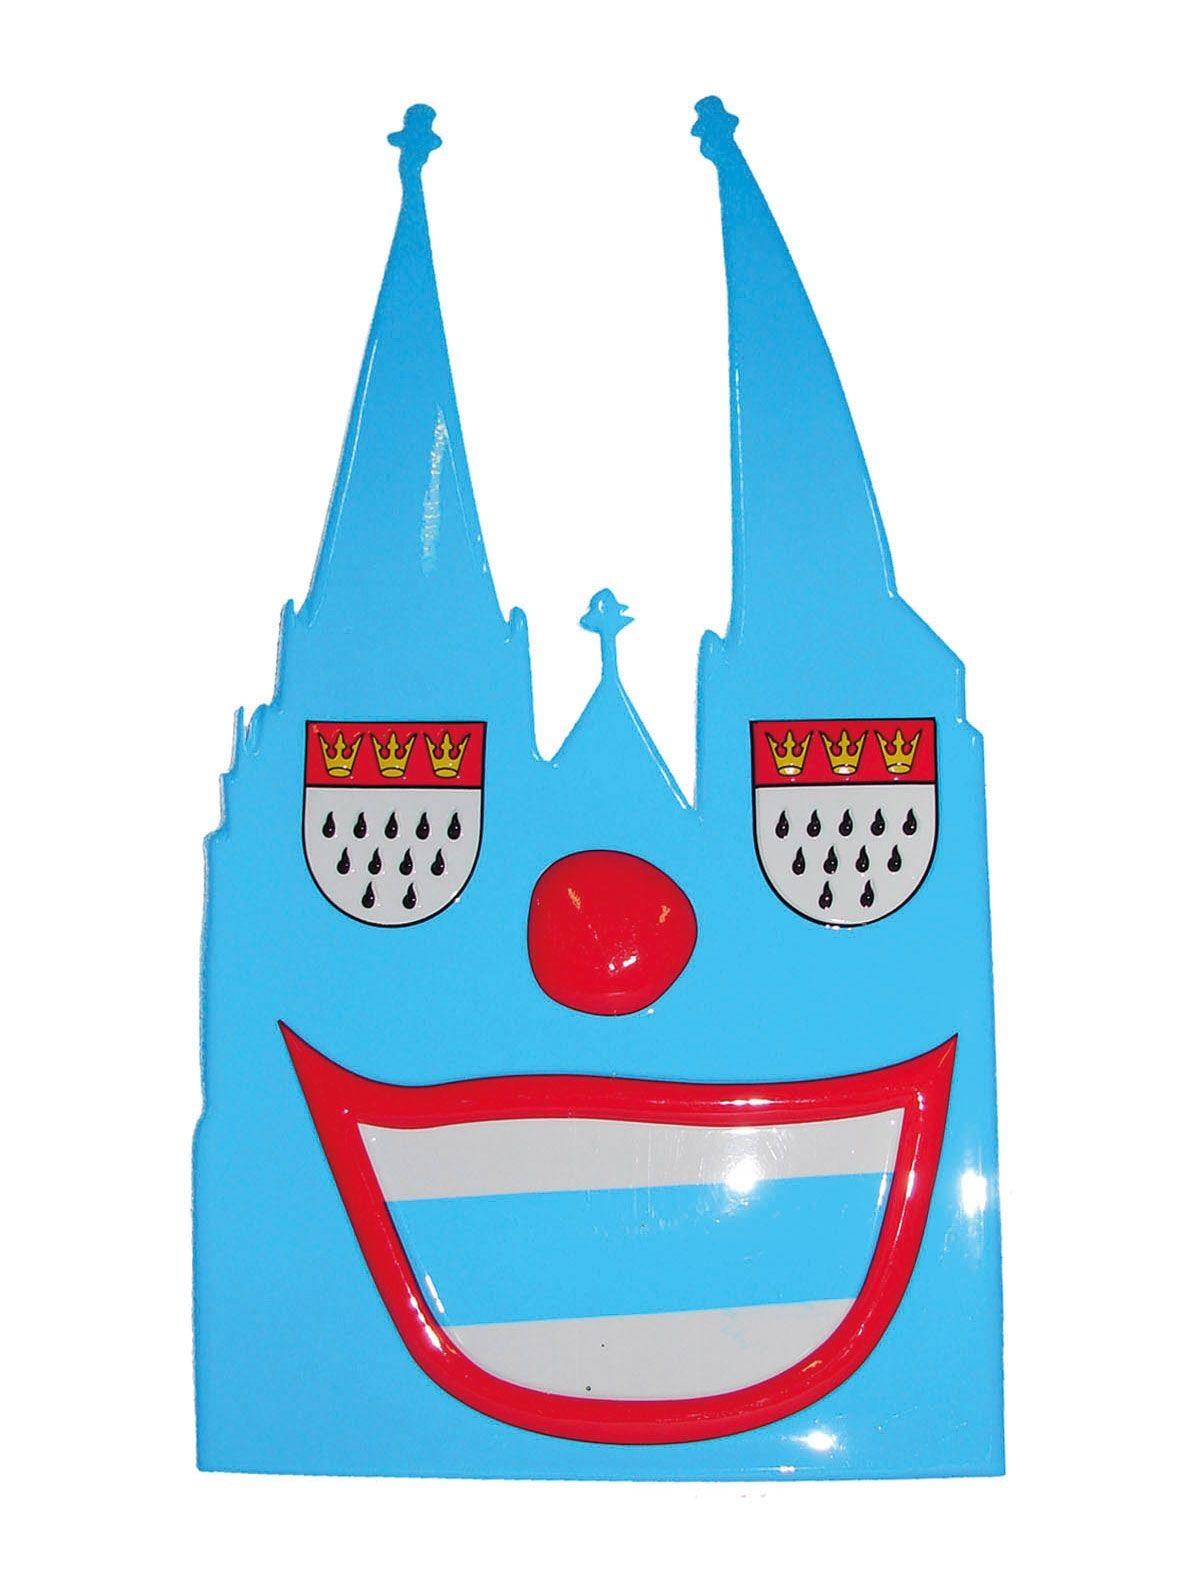 Karnevalsparty Wanddeko Köln 100 cm